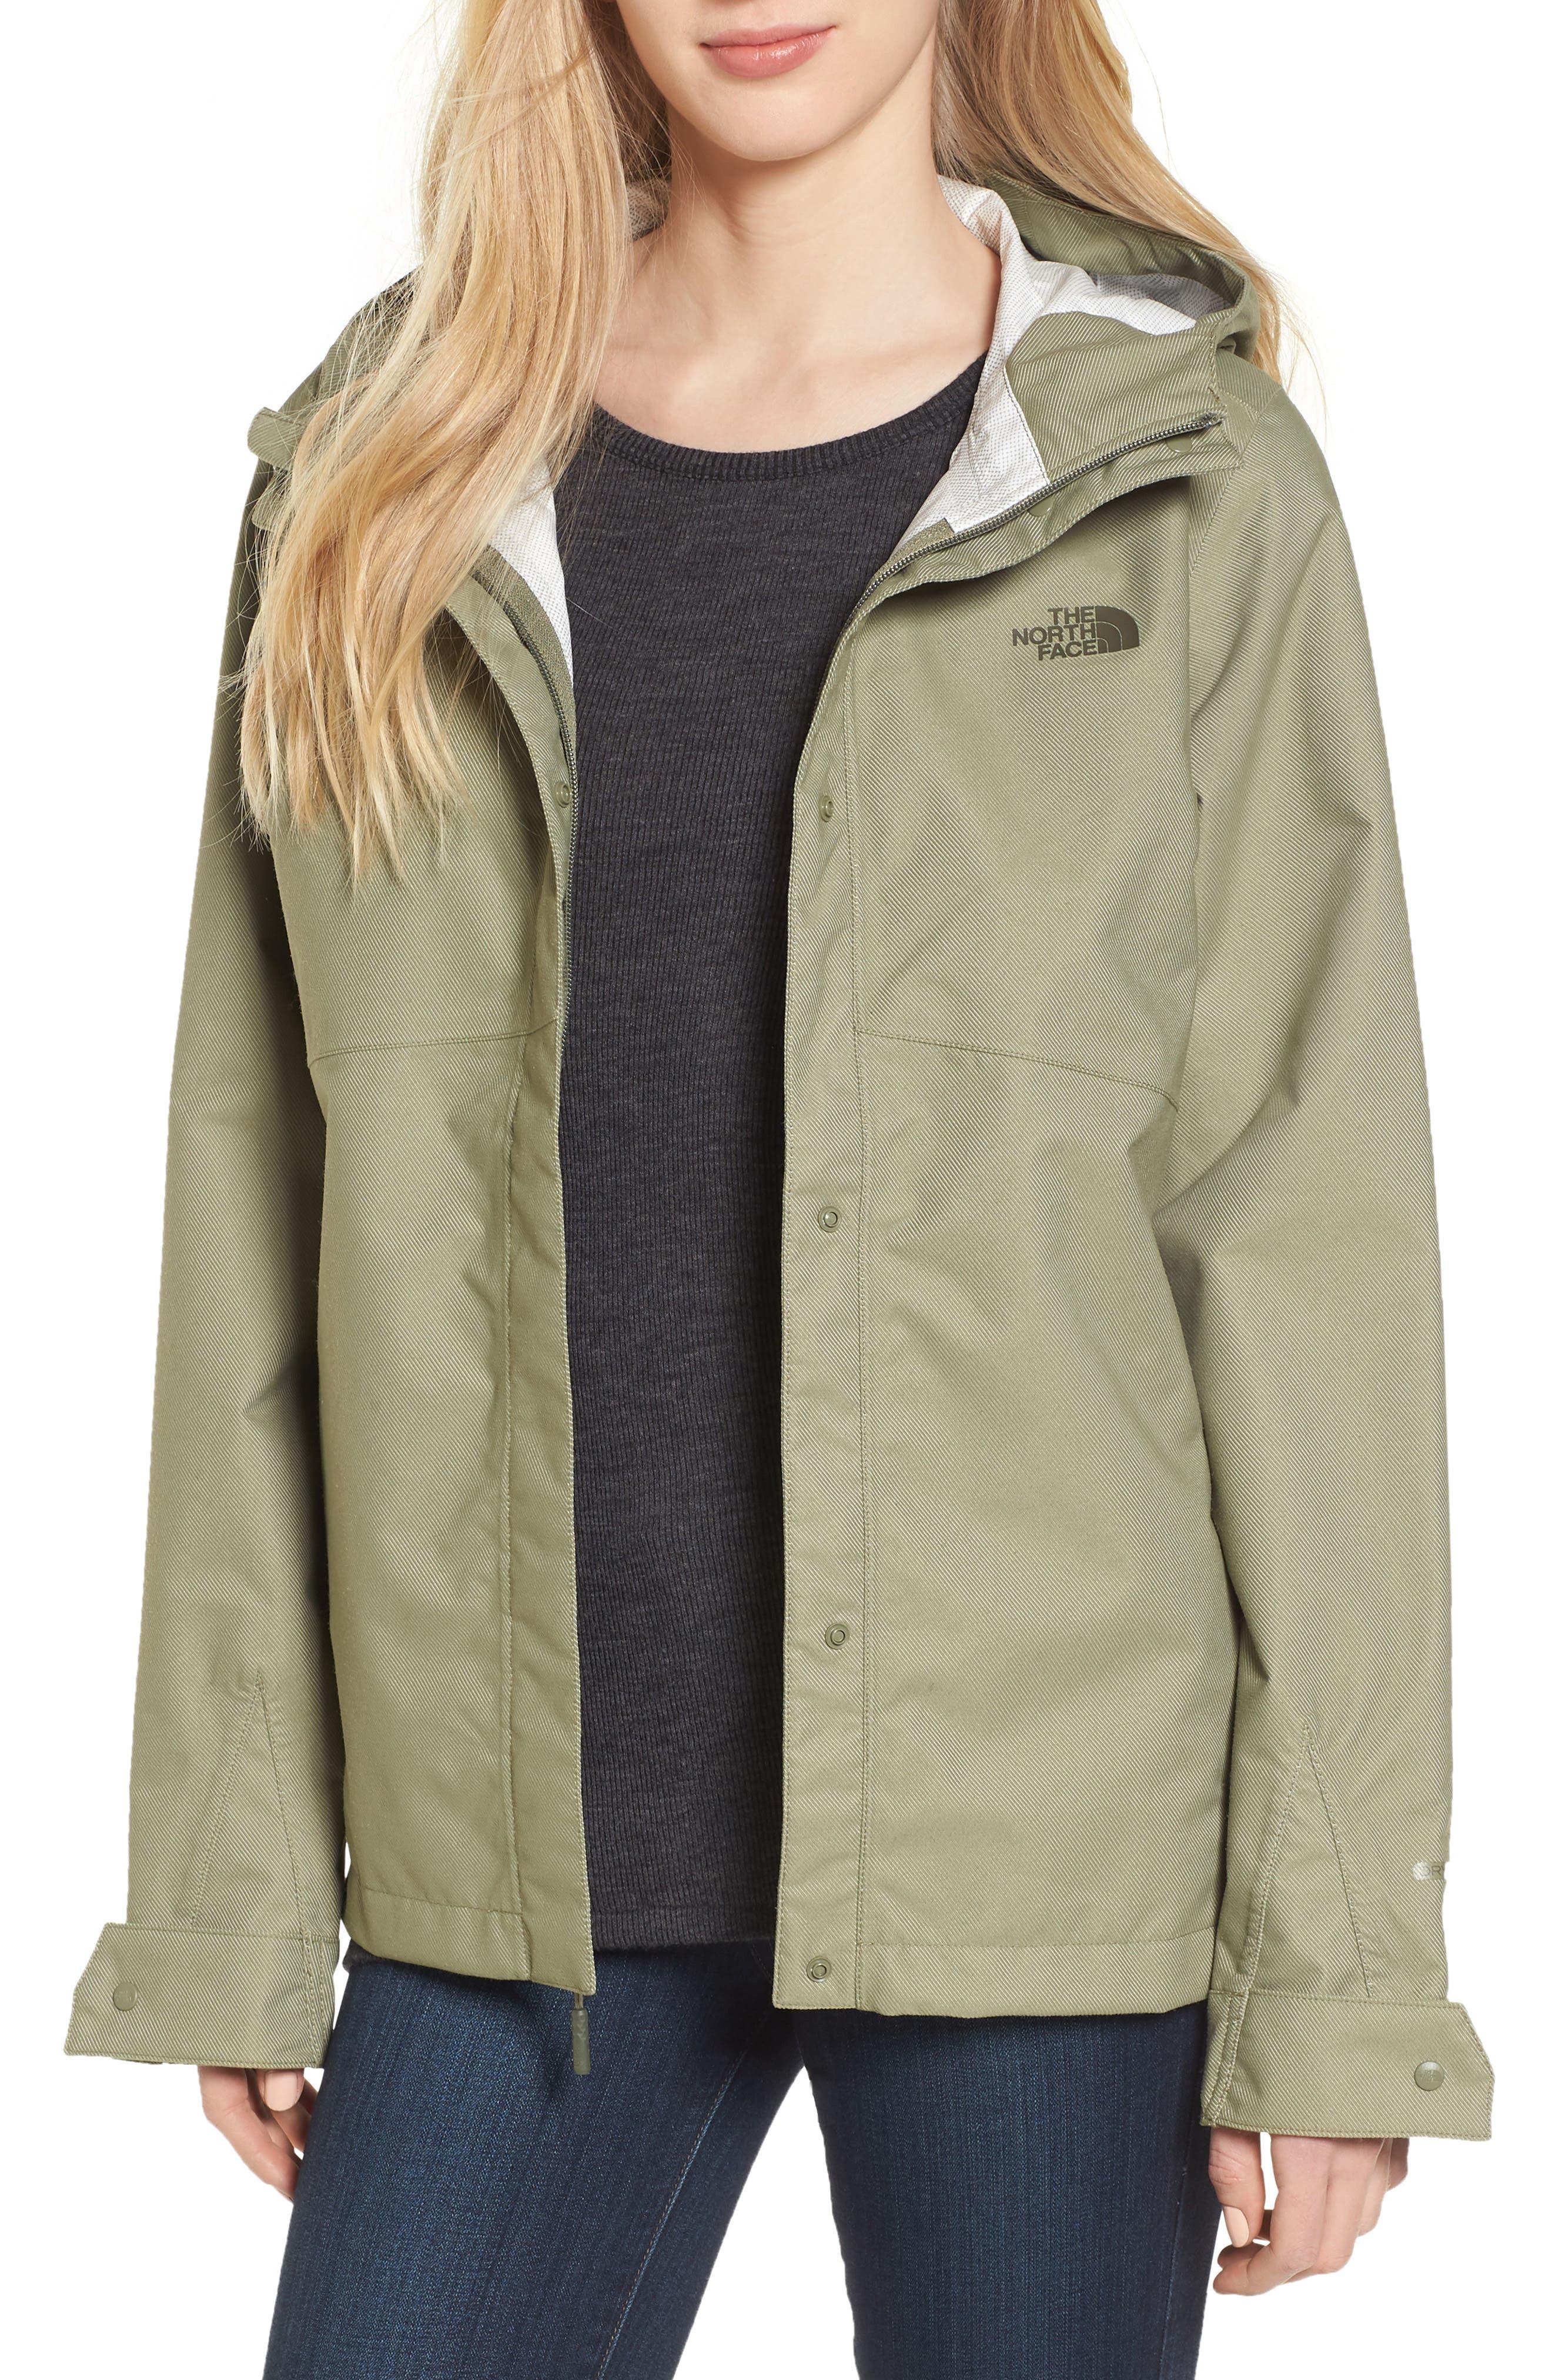 Berrien Waterproof Jacket,                         Main,                         color, Deep Lichen Green Denim